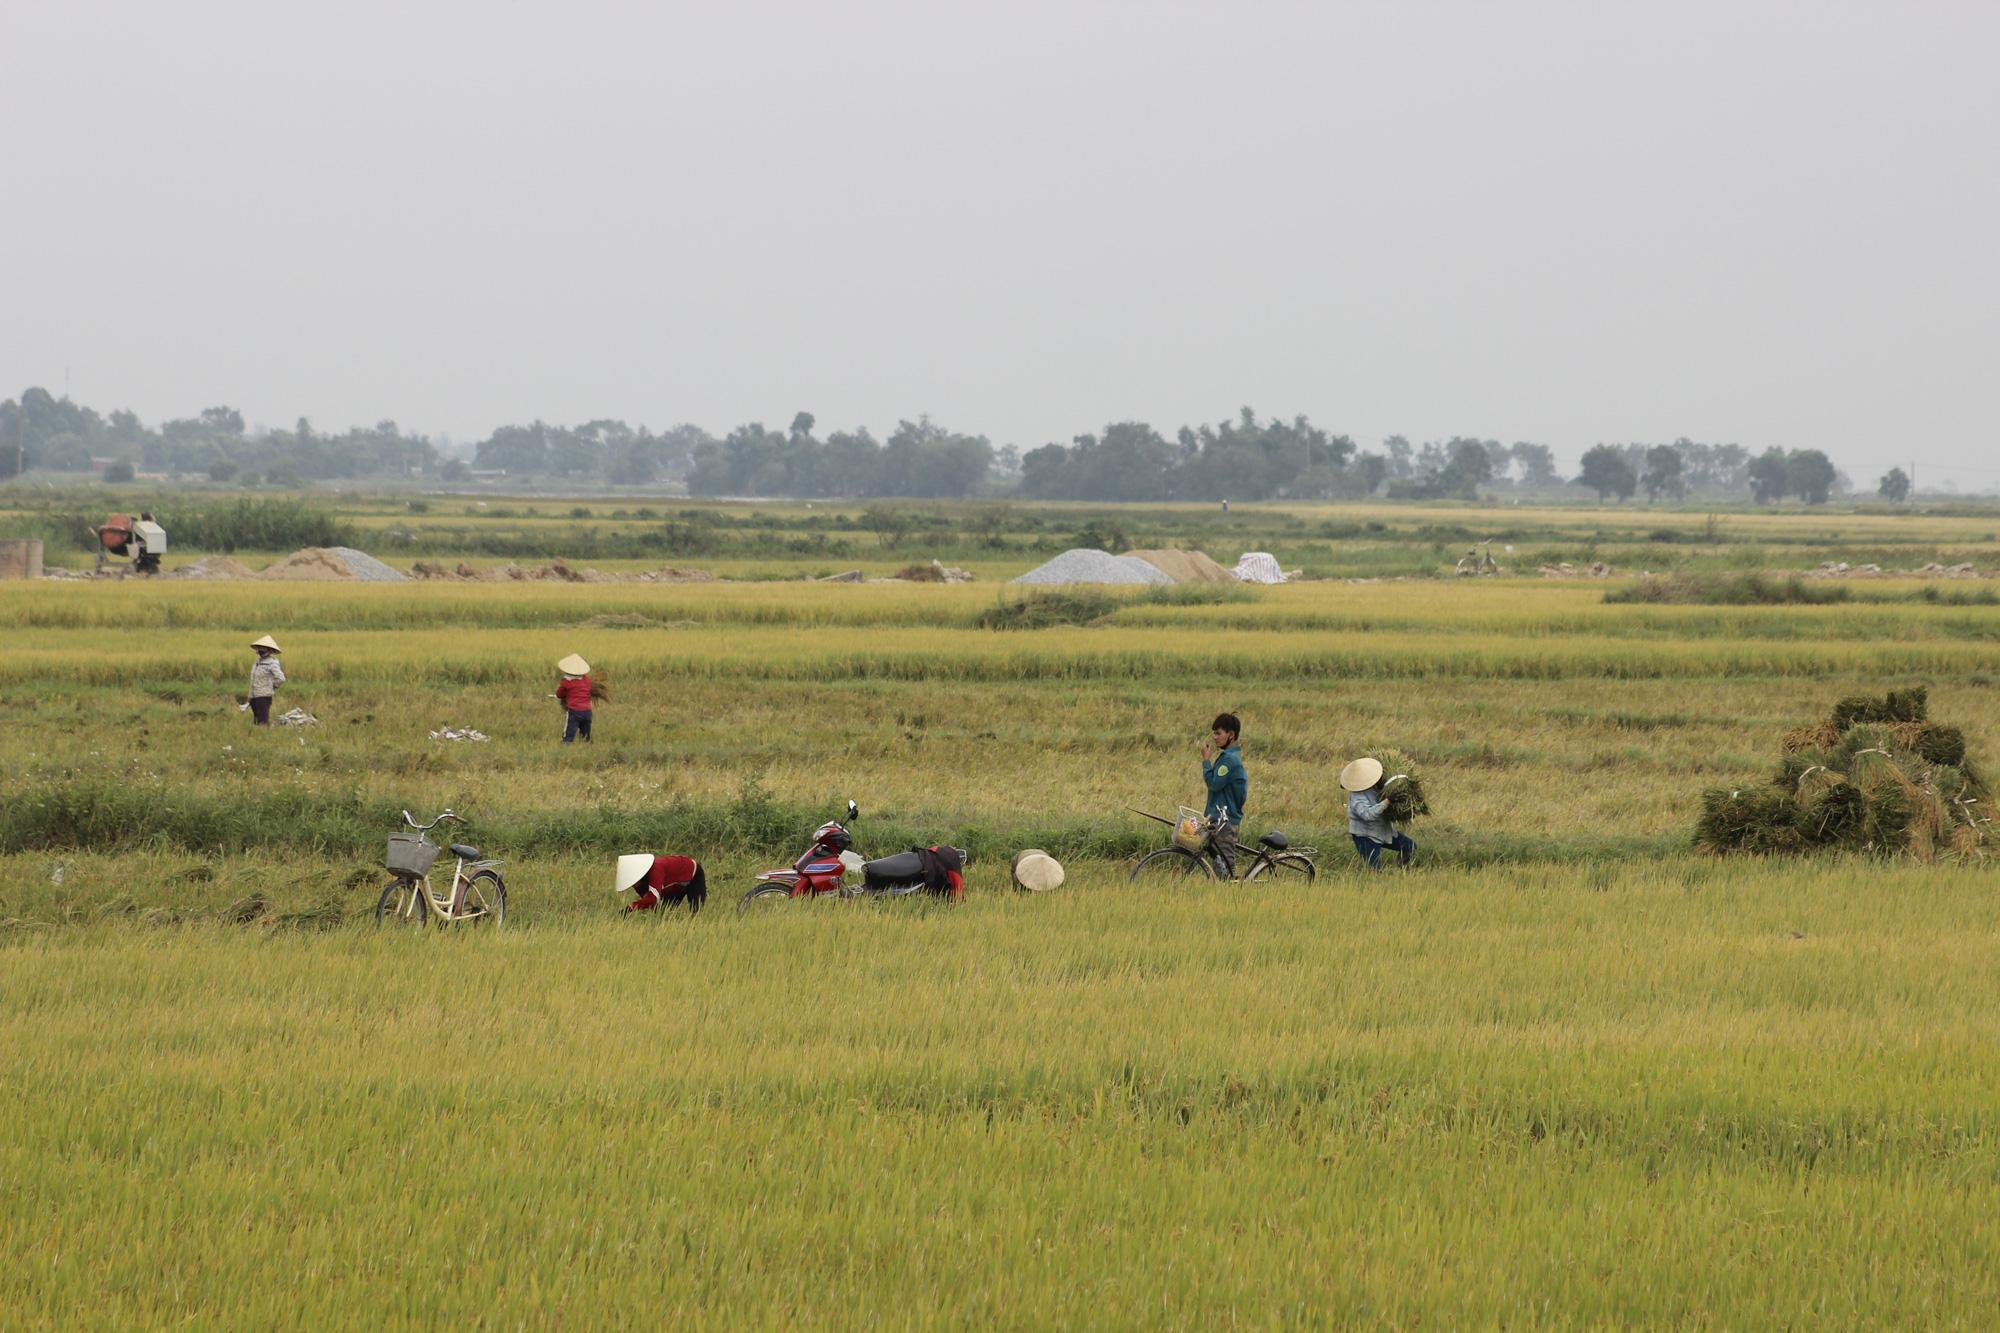 Quảng Bình: Nông dân vật vã gặt lúa dưới cái nắng  40 độ C  - Ảnh 6.